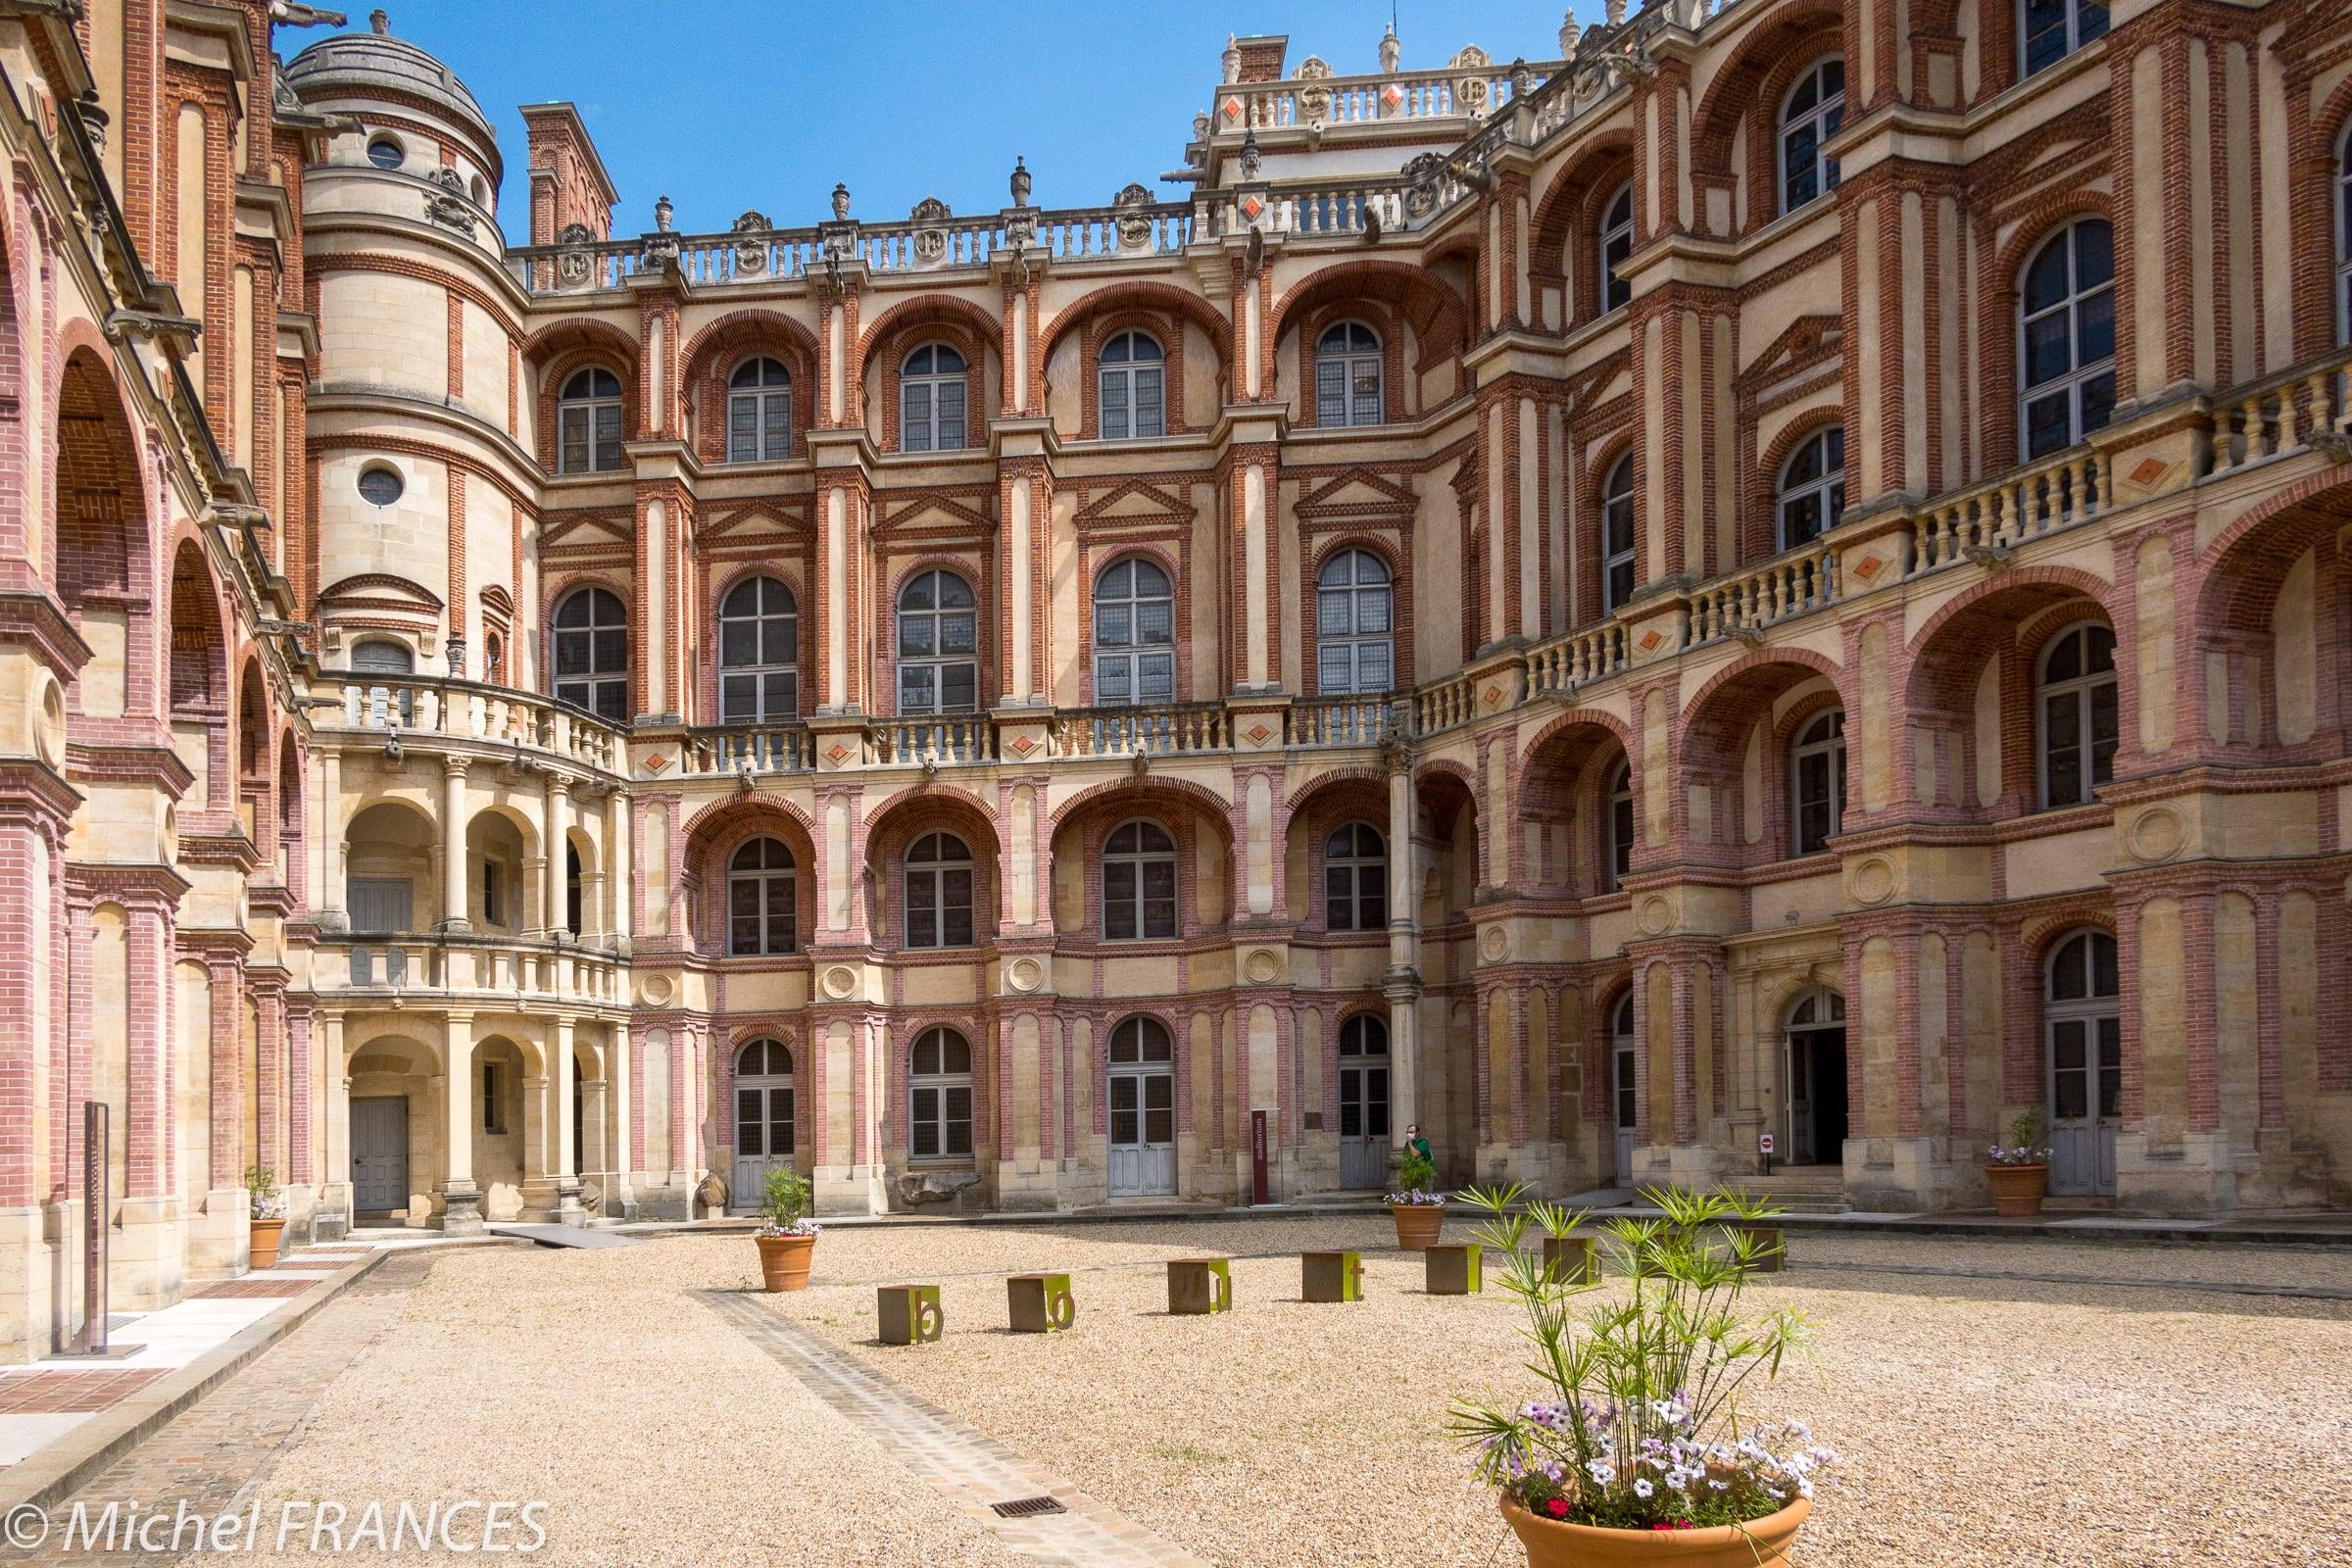 Chateau de Saint-Germain en Laye